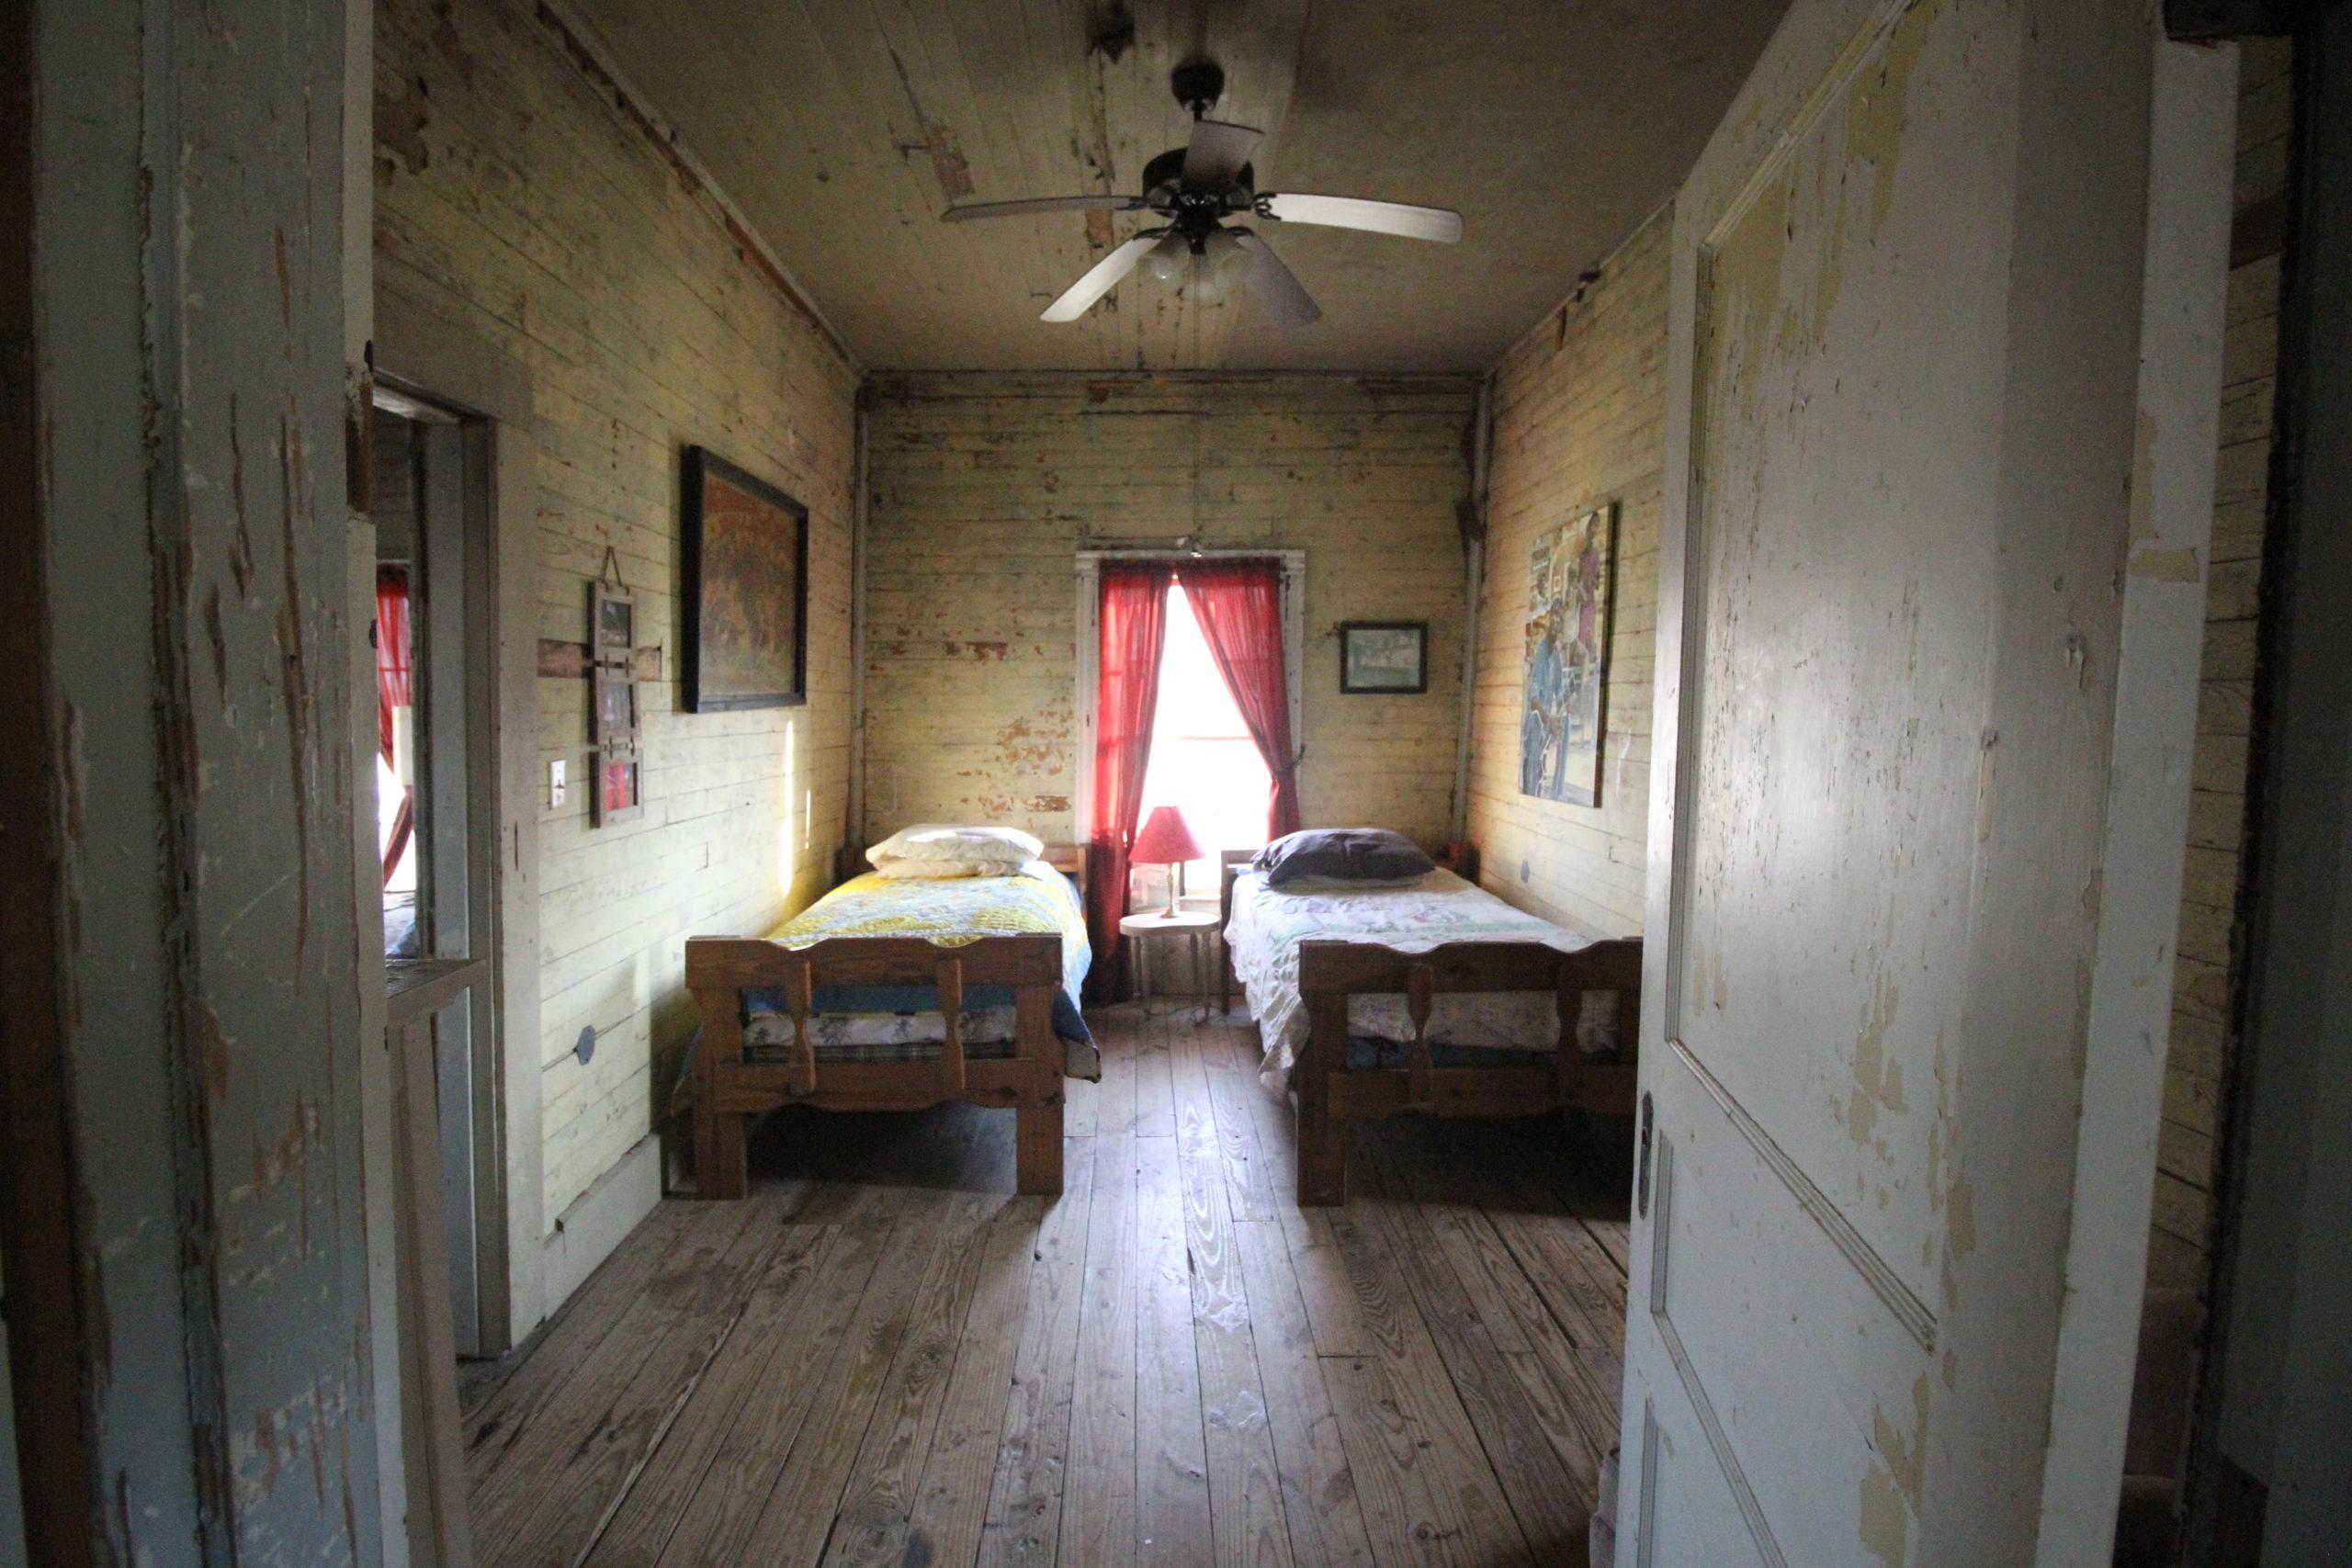 Tallahatchie Flats interior